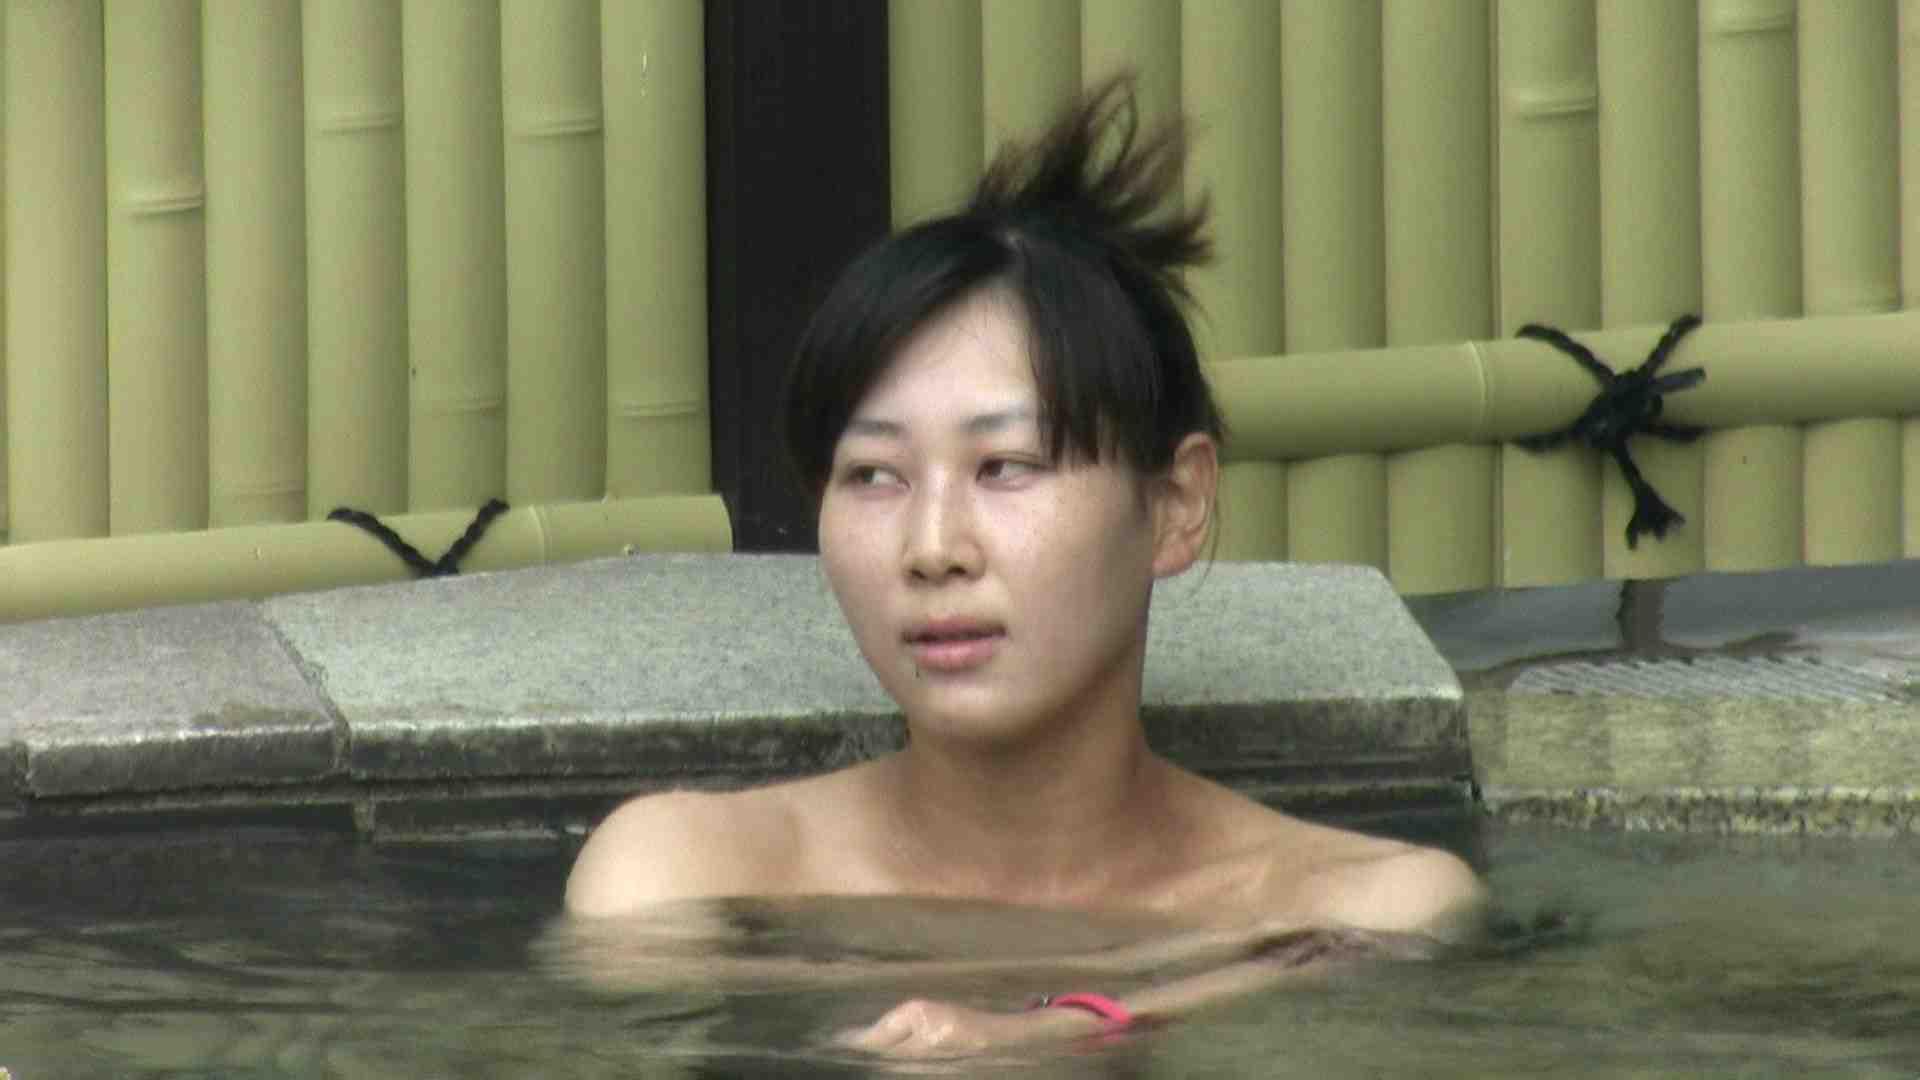 Aquaな露天風呂Vol.665 綺麗なOLたち | 盗撮  85枚 49